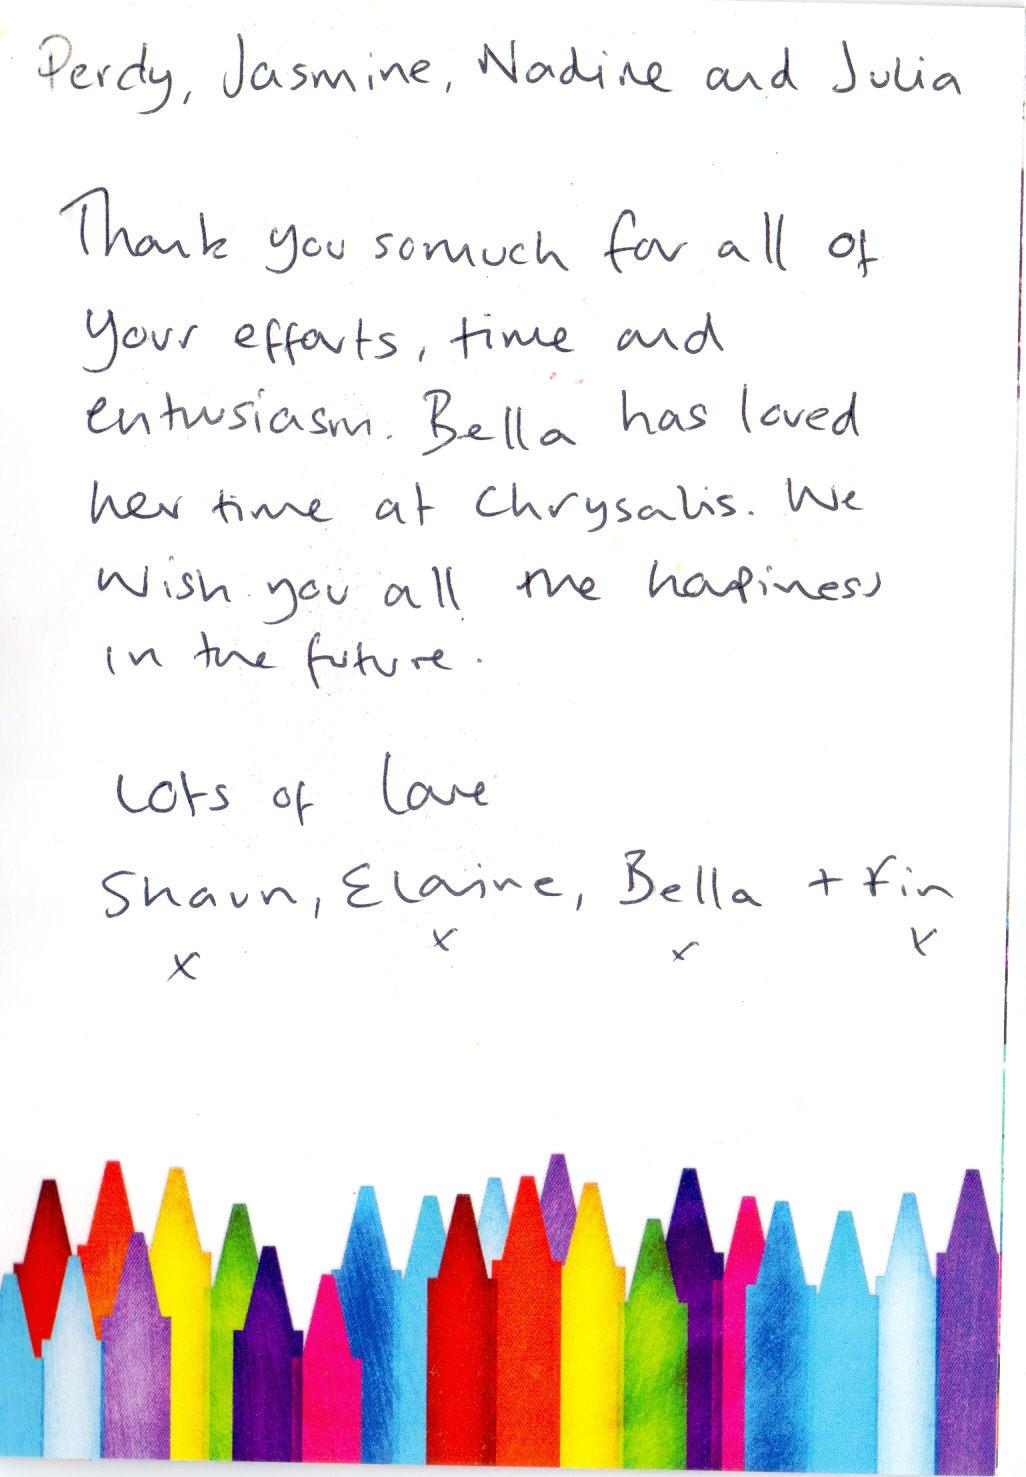 Shaun, Elaine, Bella + Fin